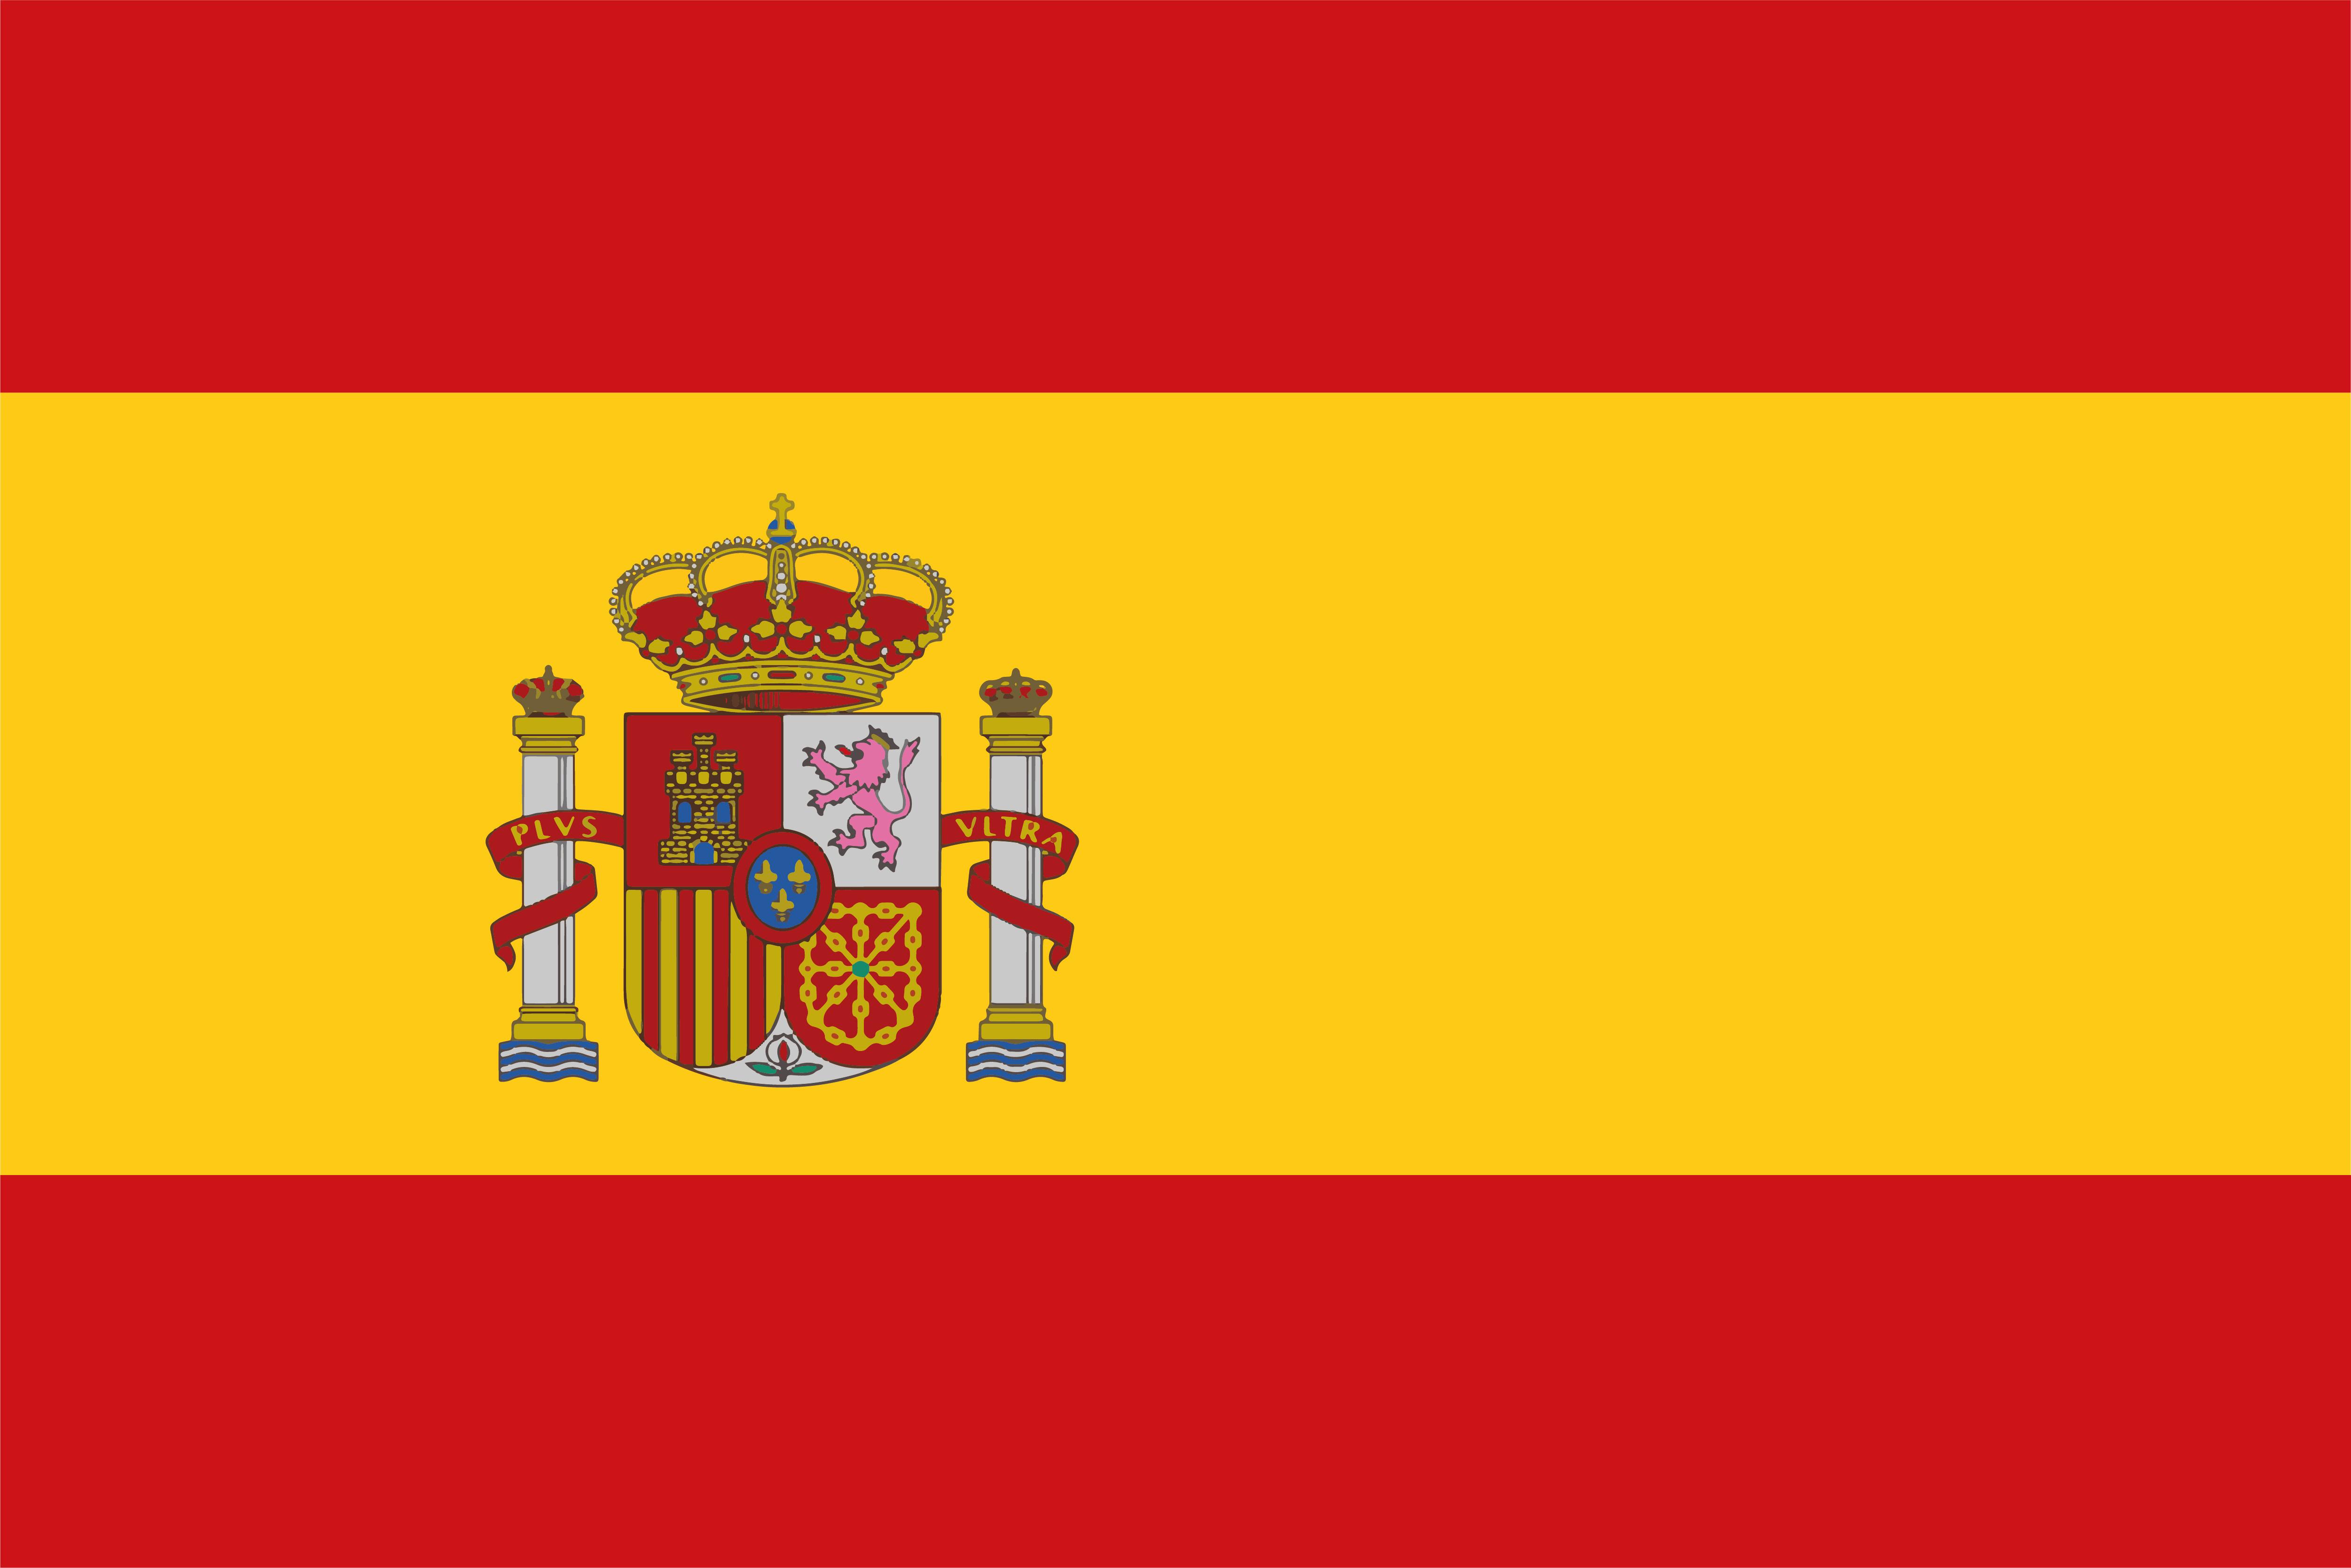 Retrouvez tous les biens situés en Espagne mis en vente par  Immobilier Email - les Porteclés sous l'enseigne votre maison en Espagne